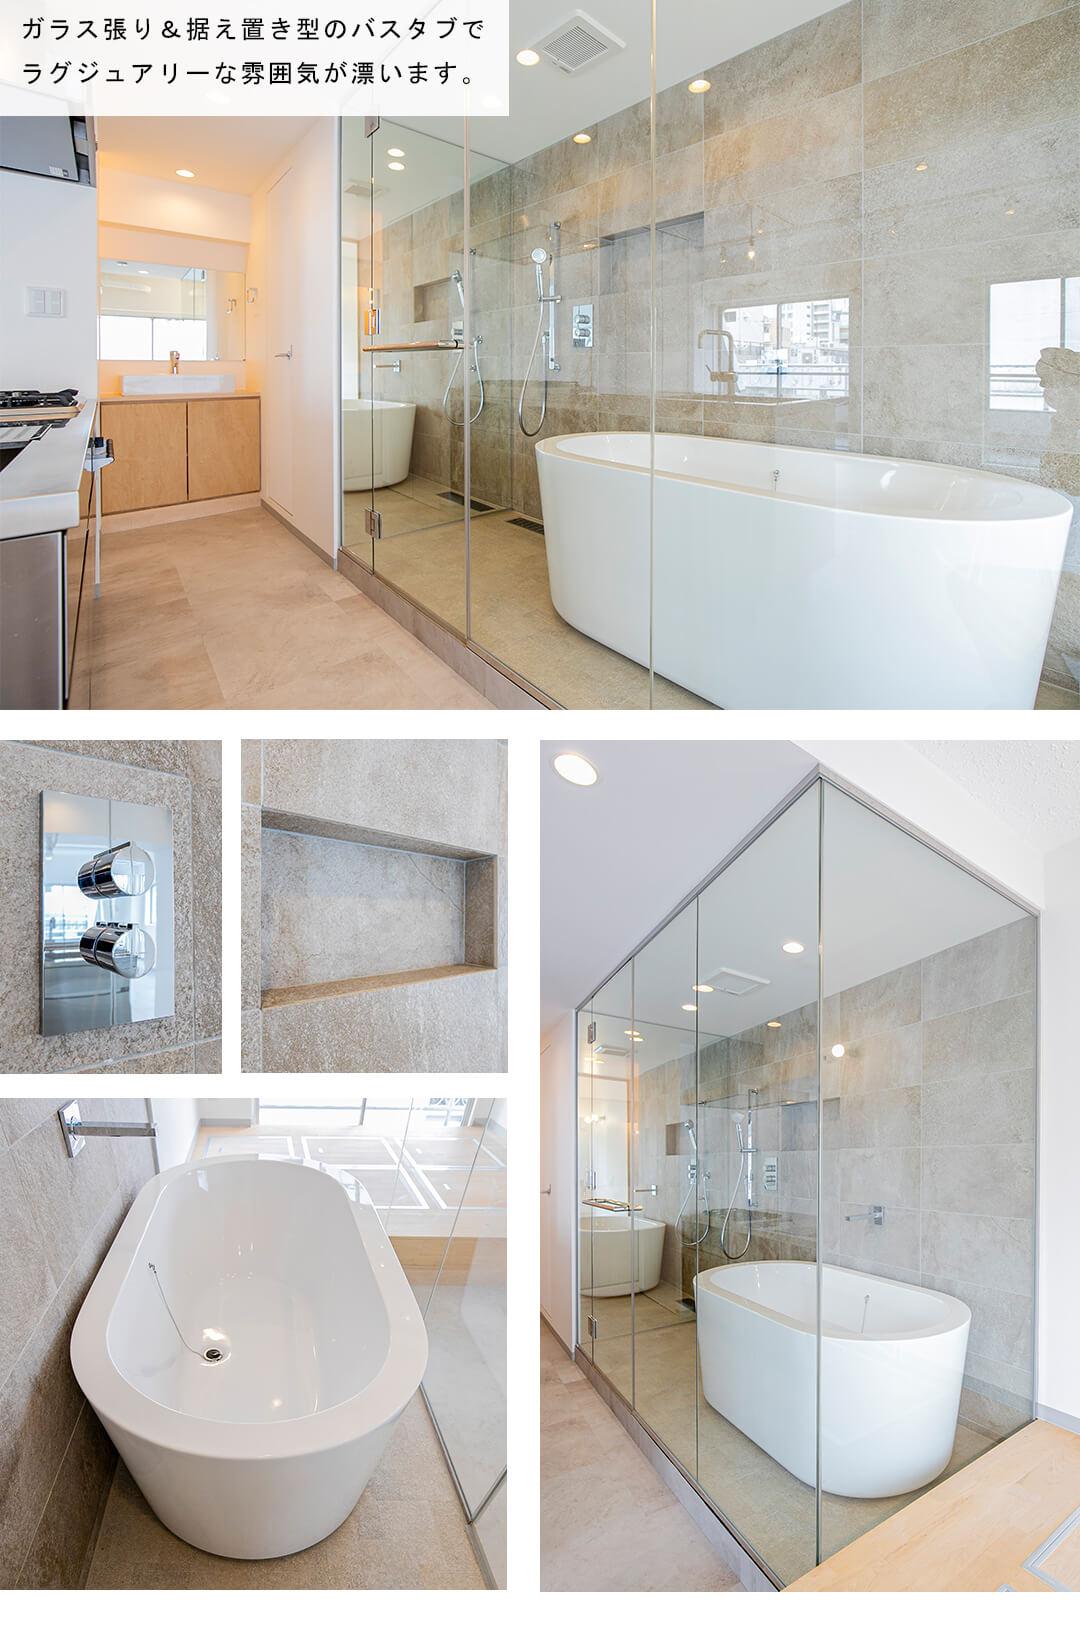 オリエント麻布の浴室